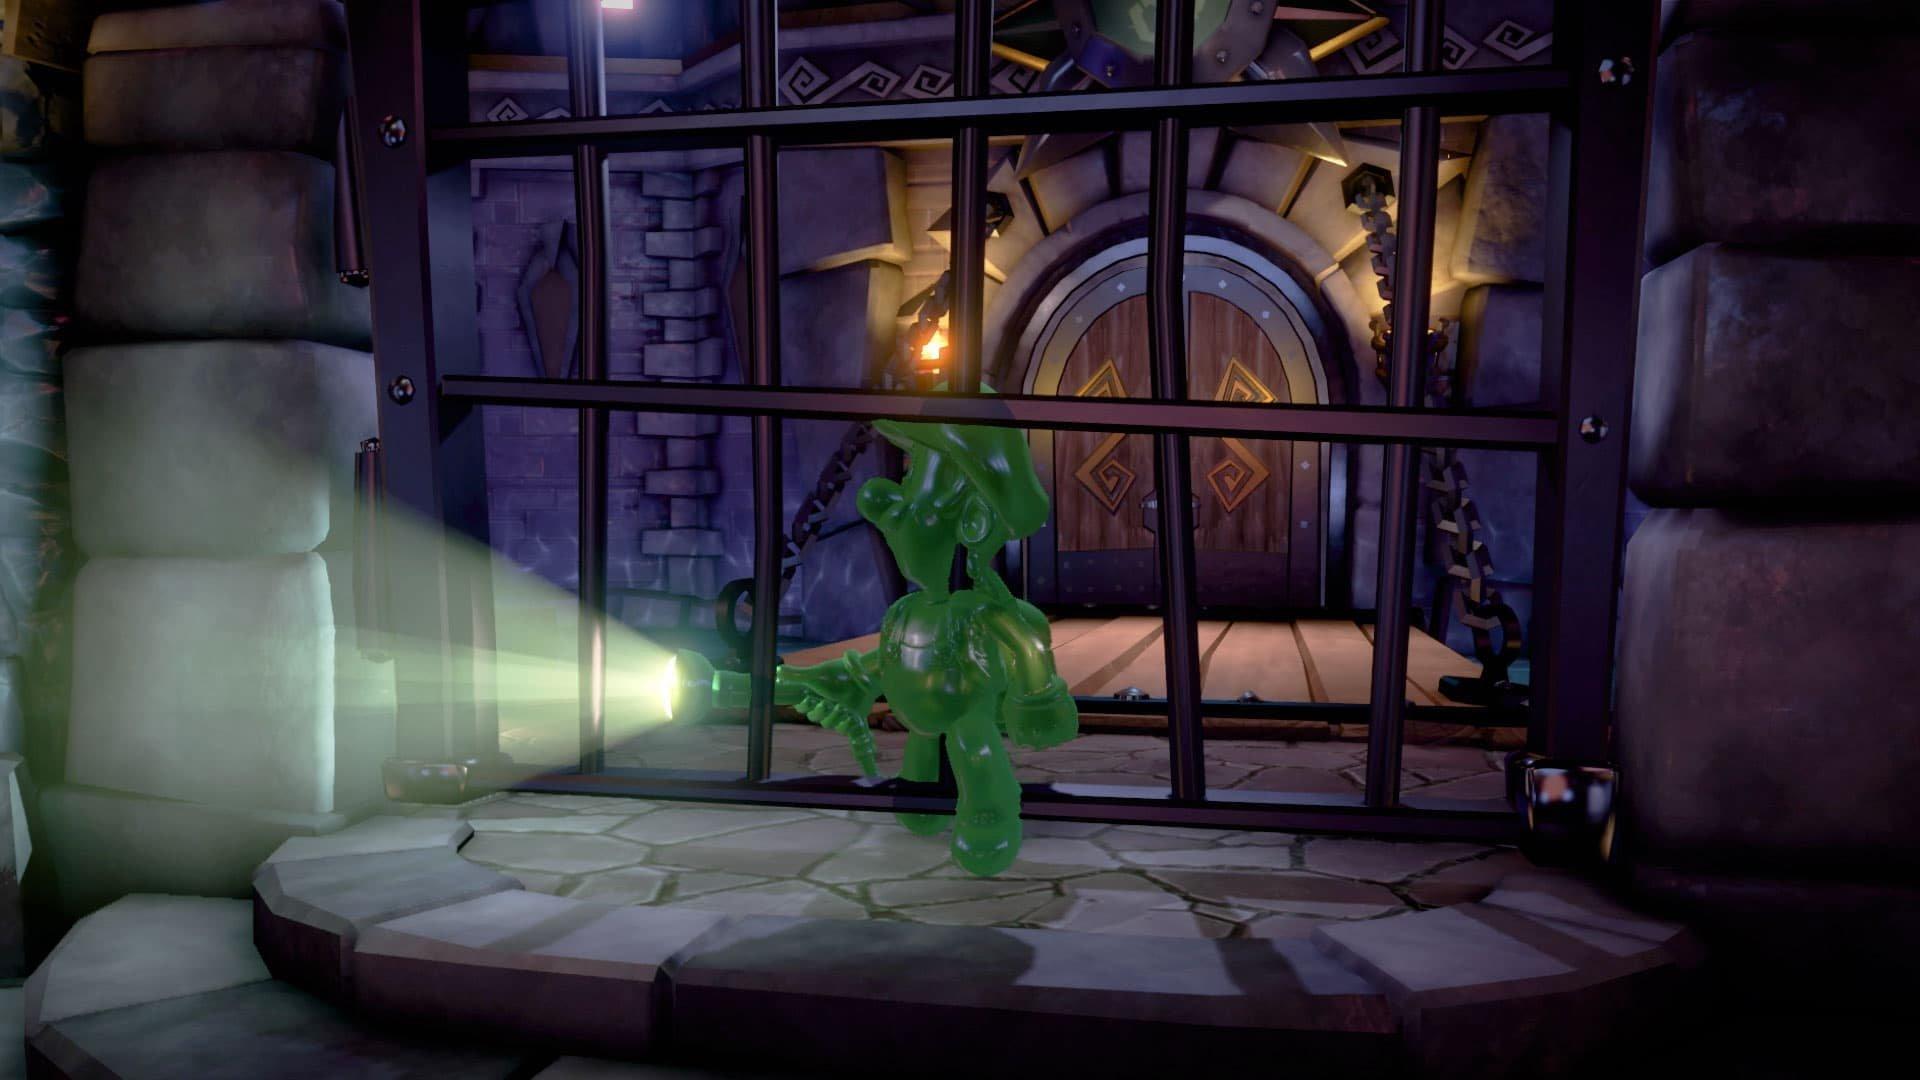 Luigi S Mansion 3 Gets Confirmed Release Date Allgamers